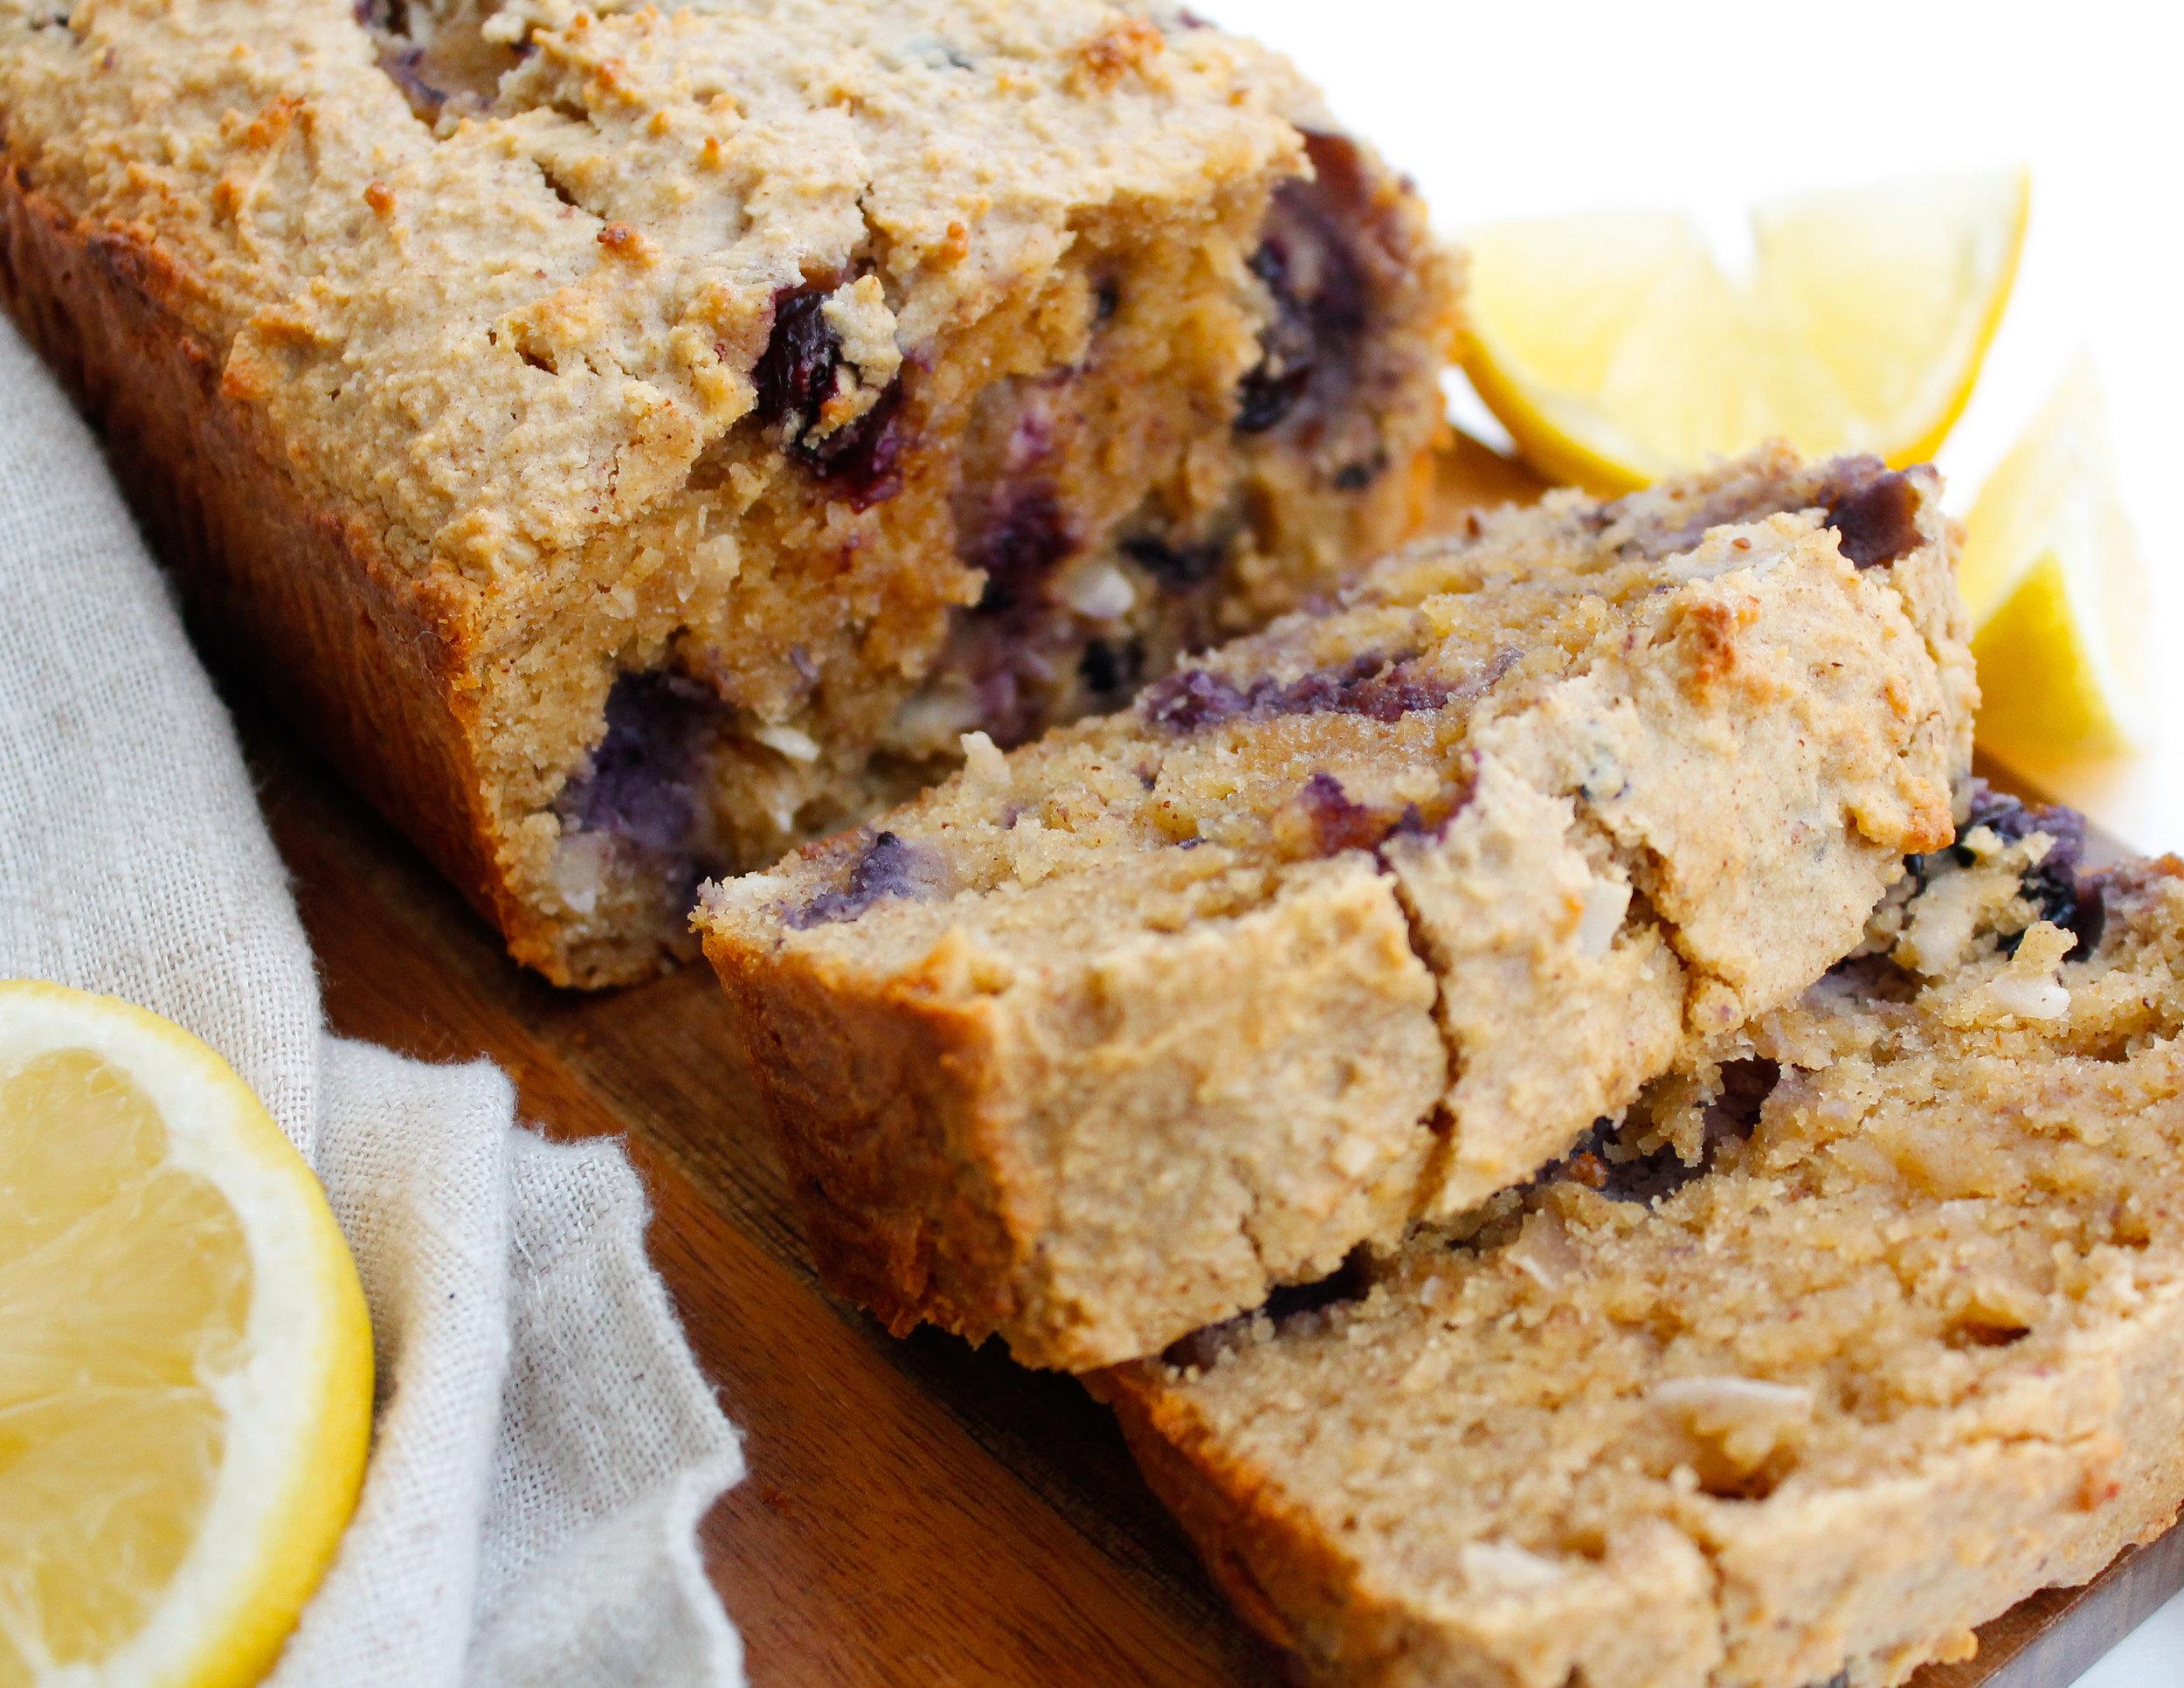 paleo lemon blueberry bread